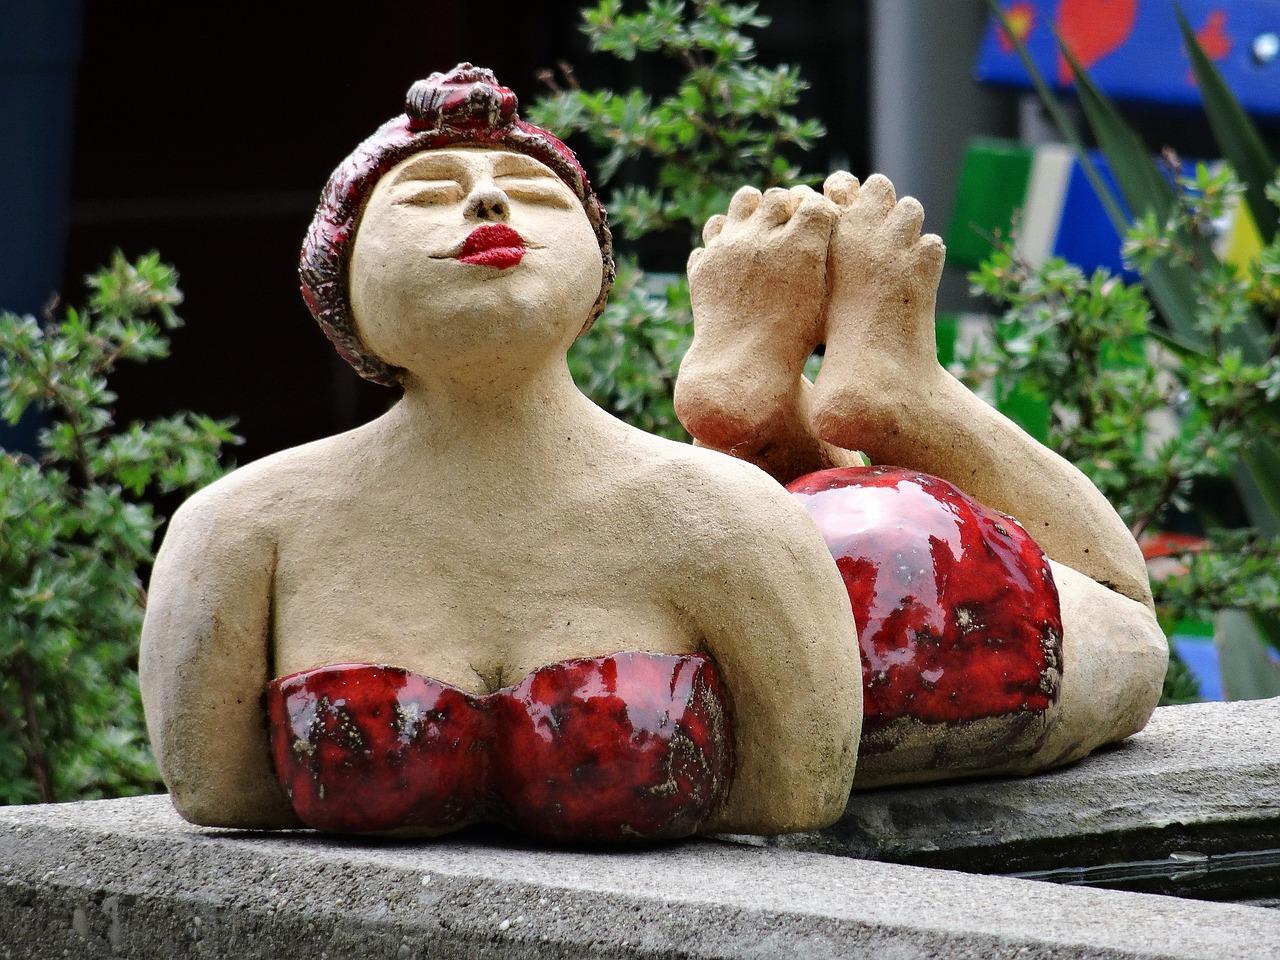 Kulturwoche, Wentorf, Kunst in einer Woche, Hamburg, Kulturevent, Veranstaltungen, Juni 2019, Nachrichten, News, Bergedorf